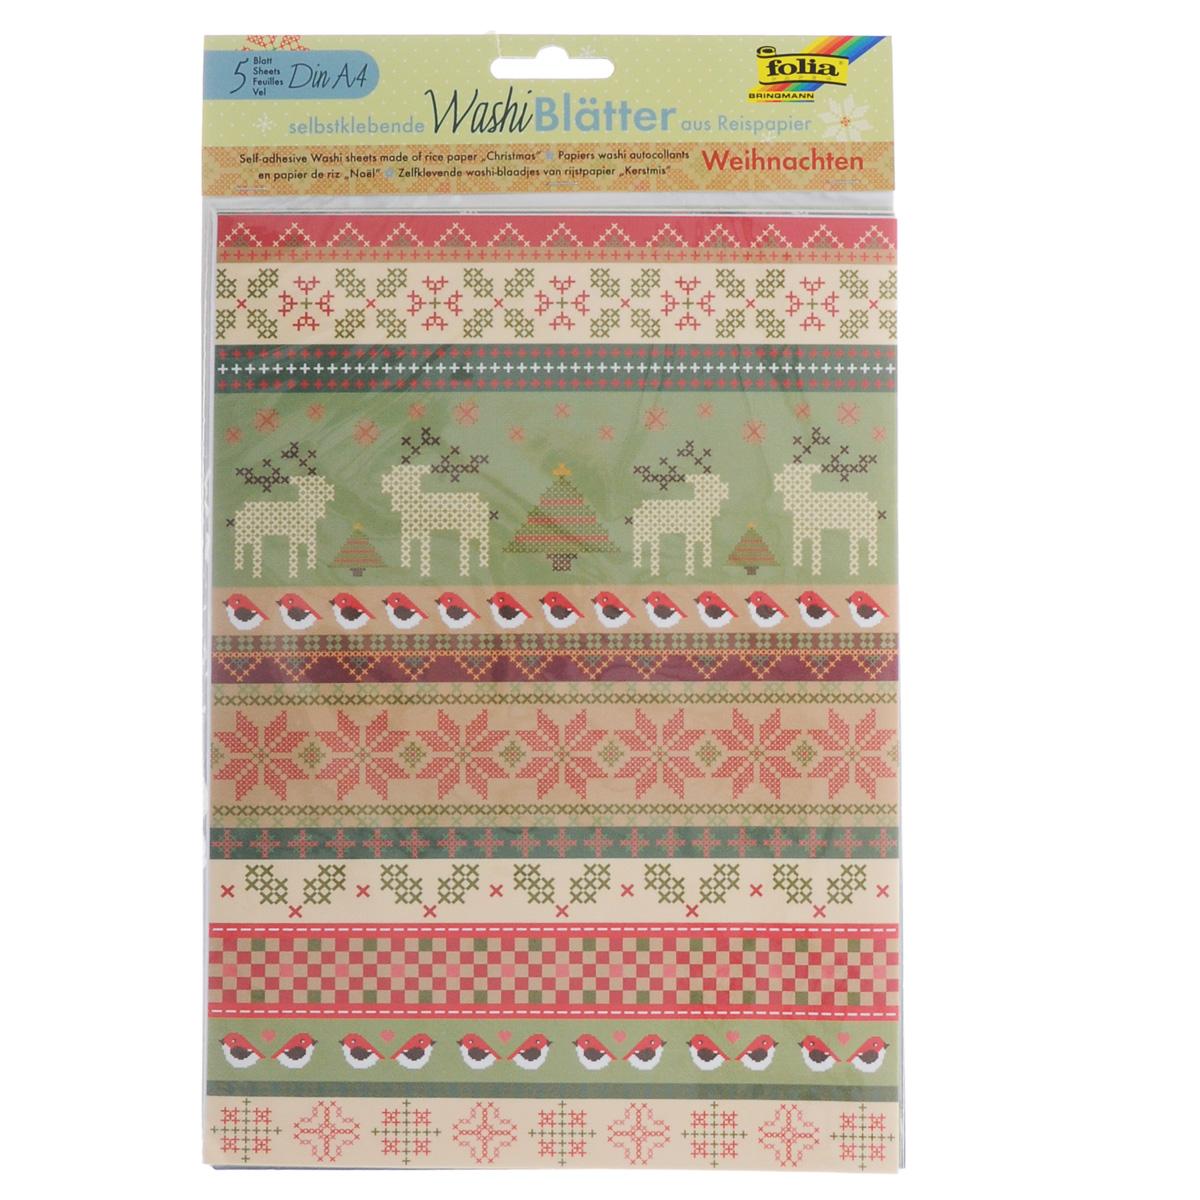 Рисовая бумага Folia Рождество, самоклеящаяся, 29,5 x 21 см, 5 листов дождевики espiro folia magic